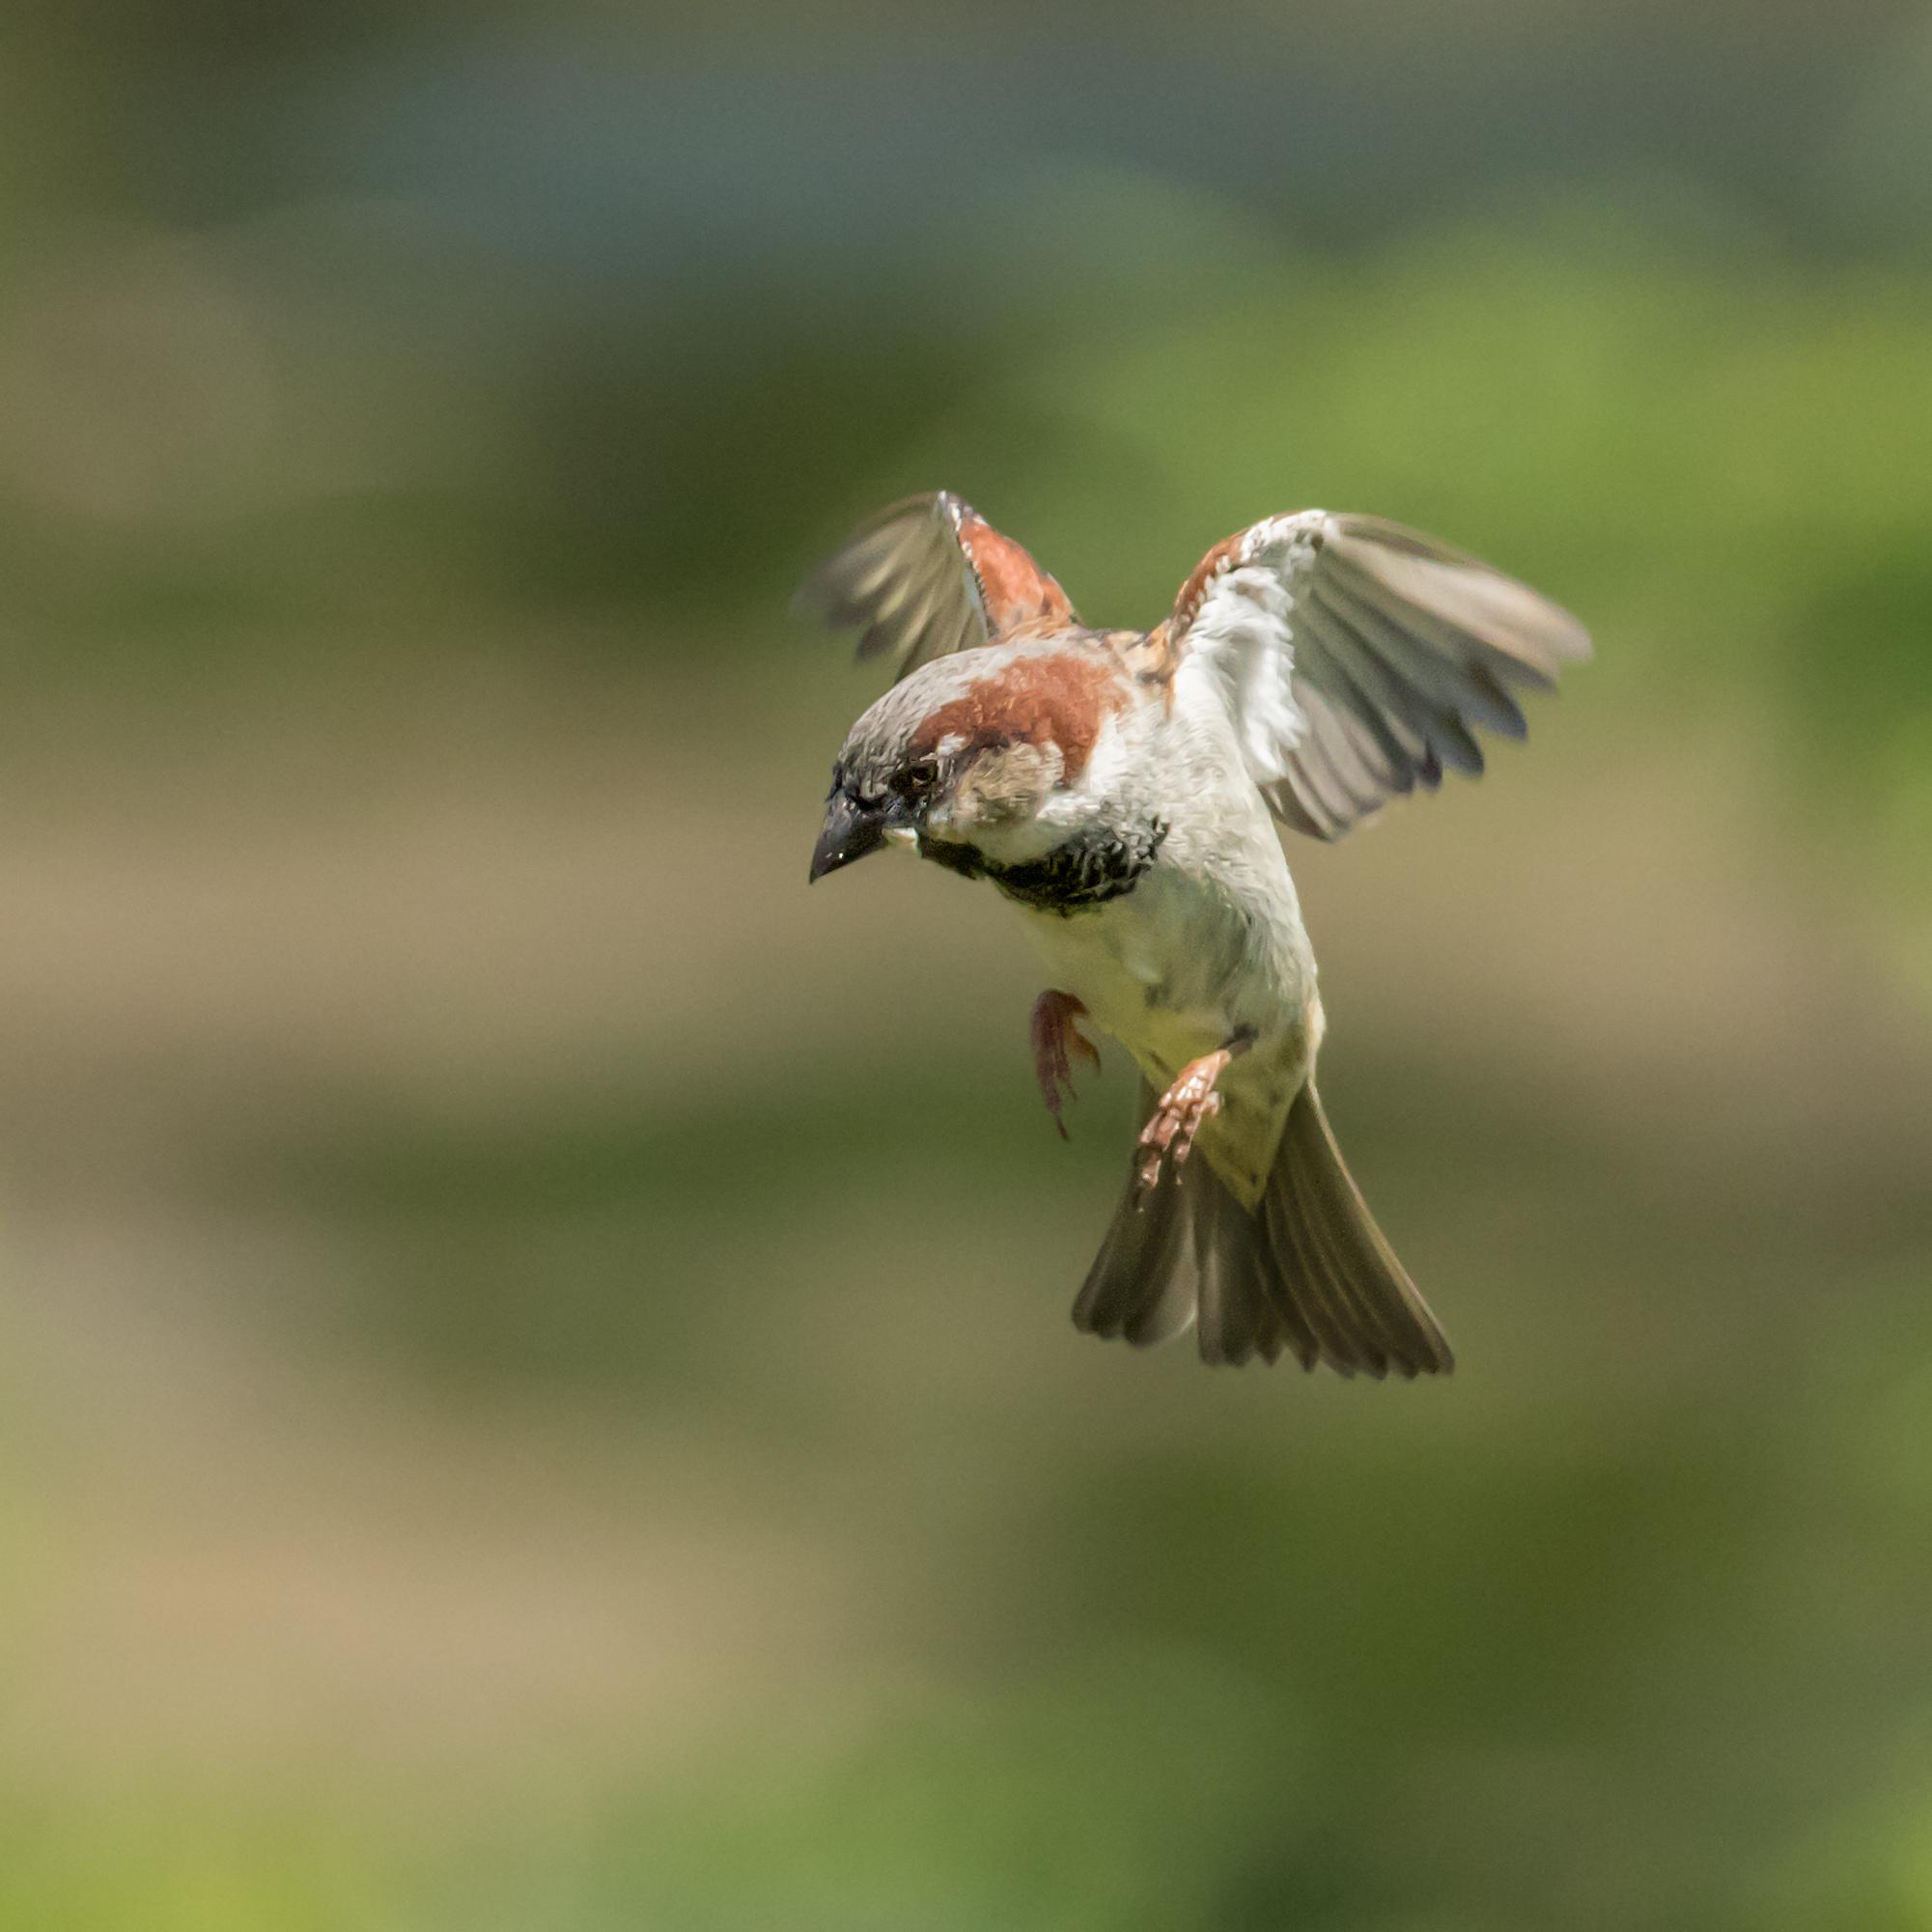 Sparrow flight #2